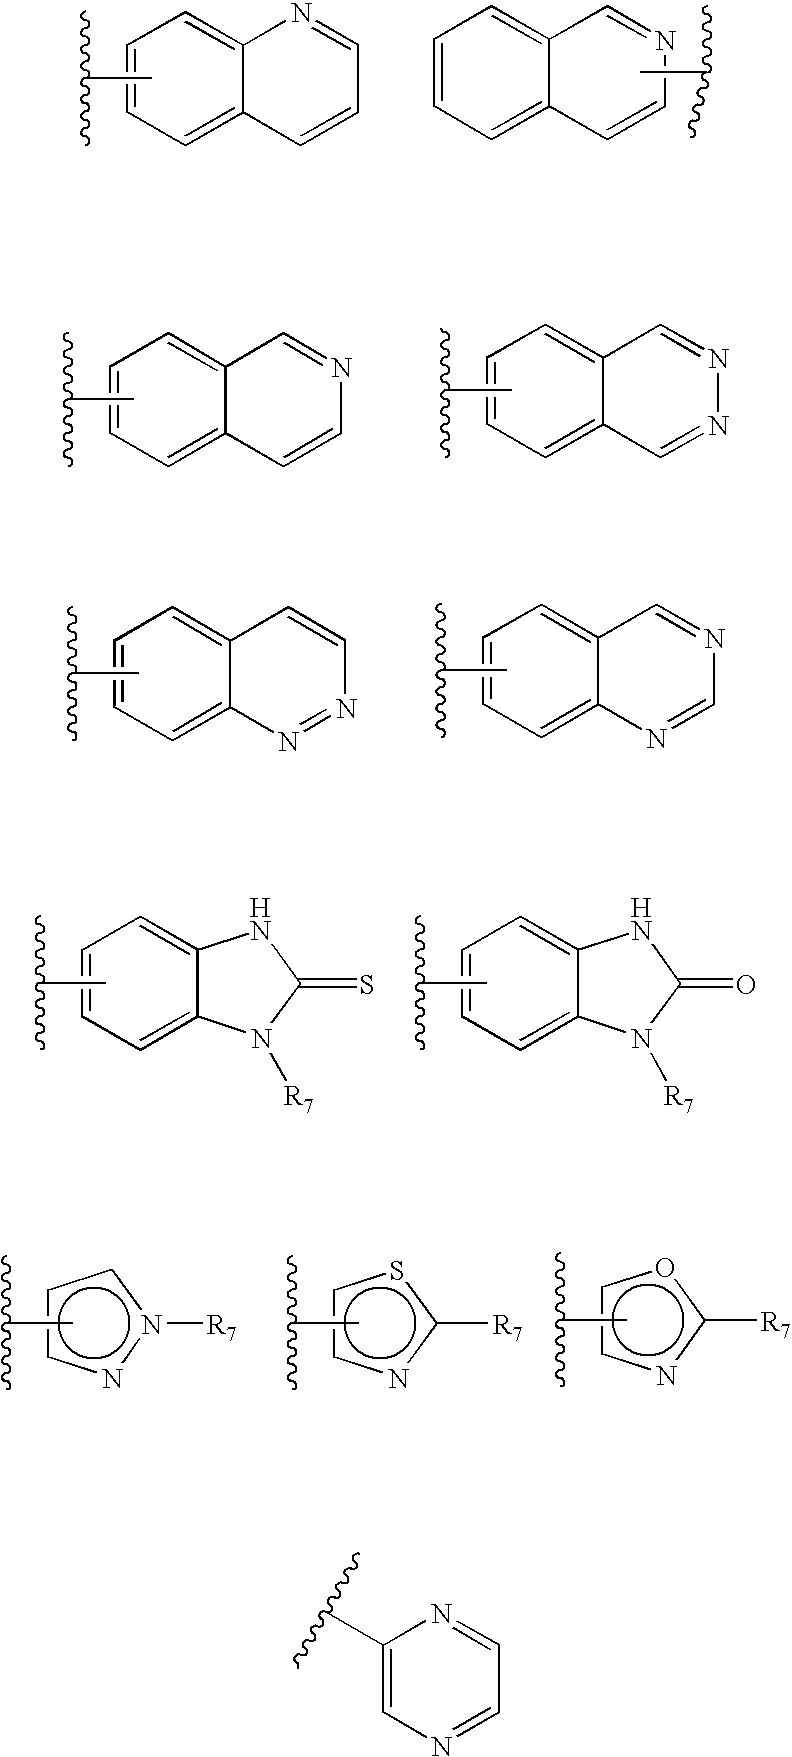 Figure US20060189617A1-20060824-C00014